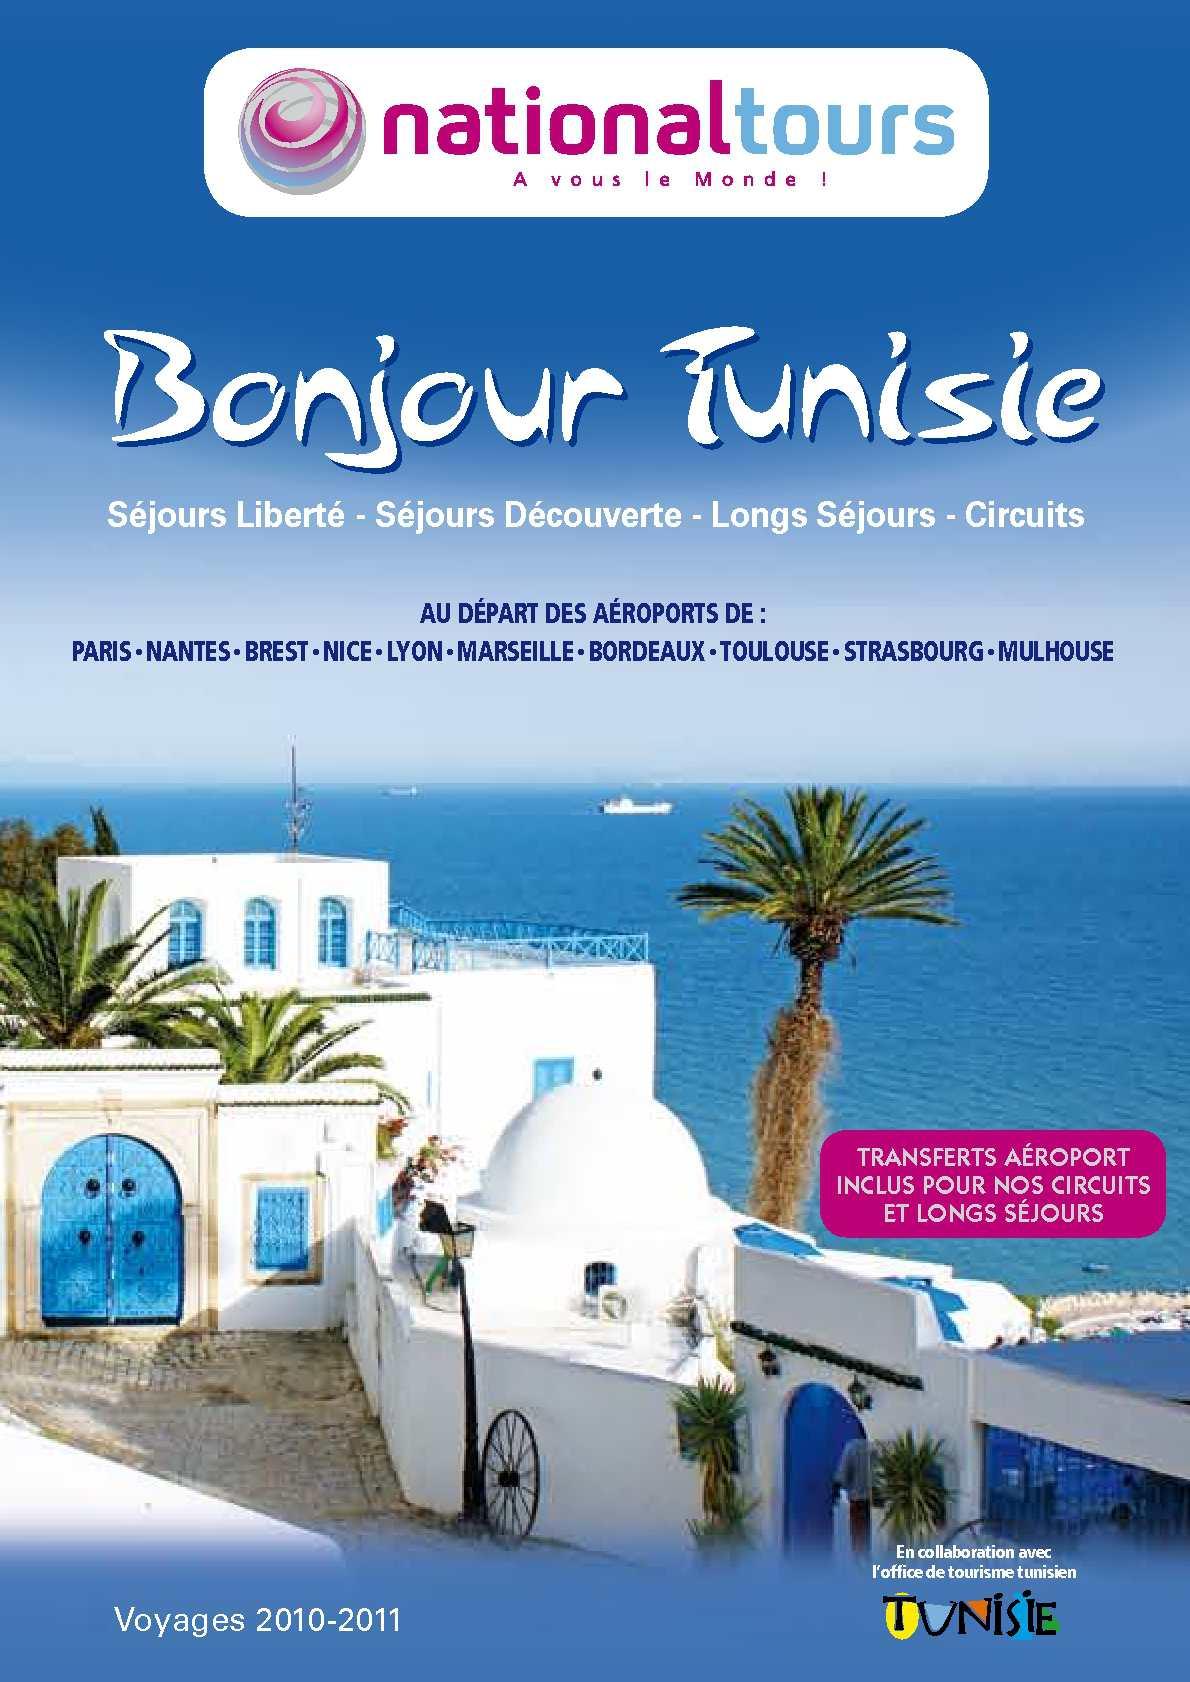 Calam o bonjour tunisie 2010 2011 - Office de tourisme tunisie ...